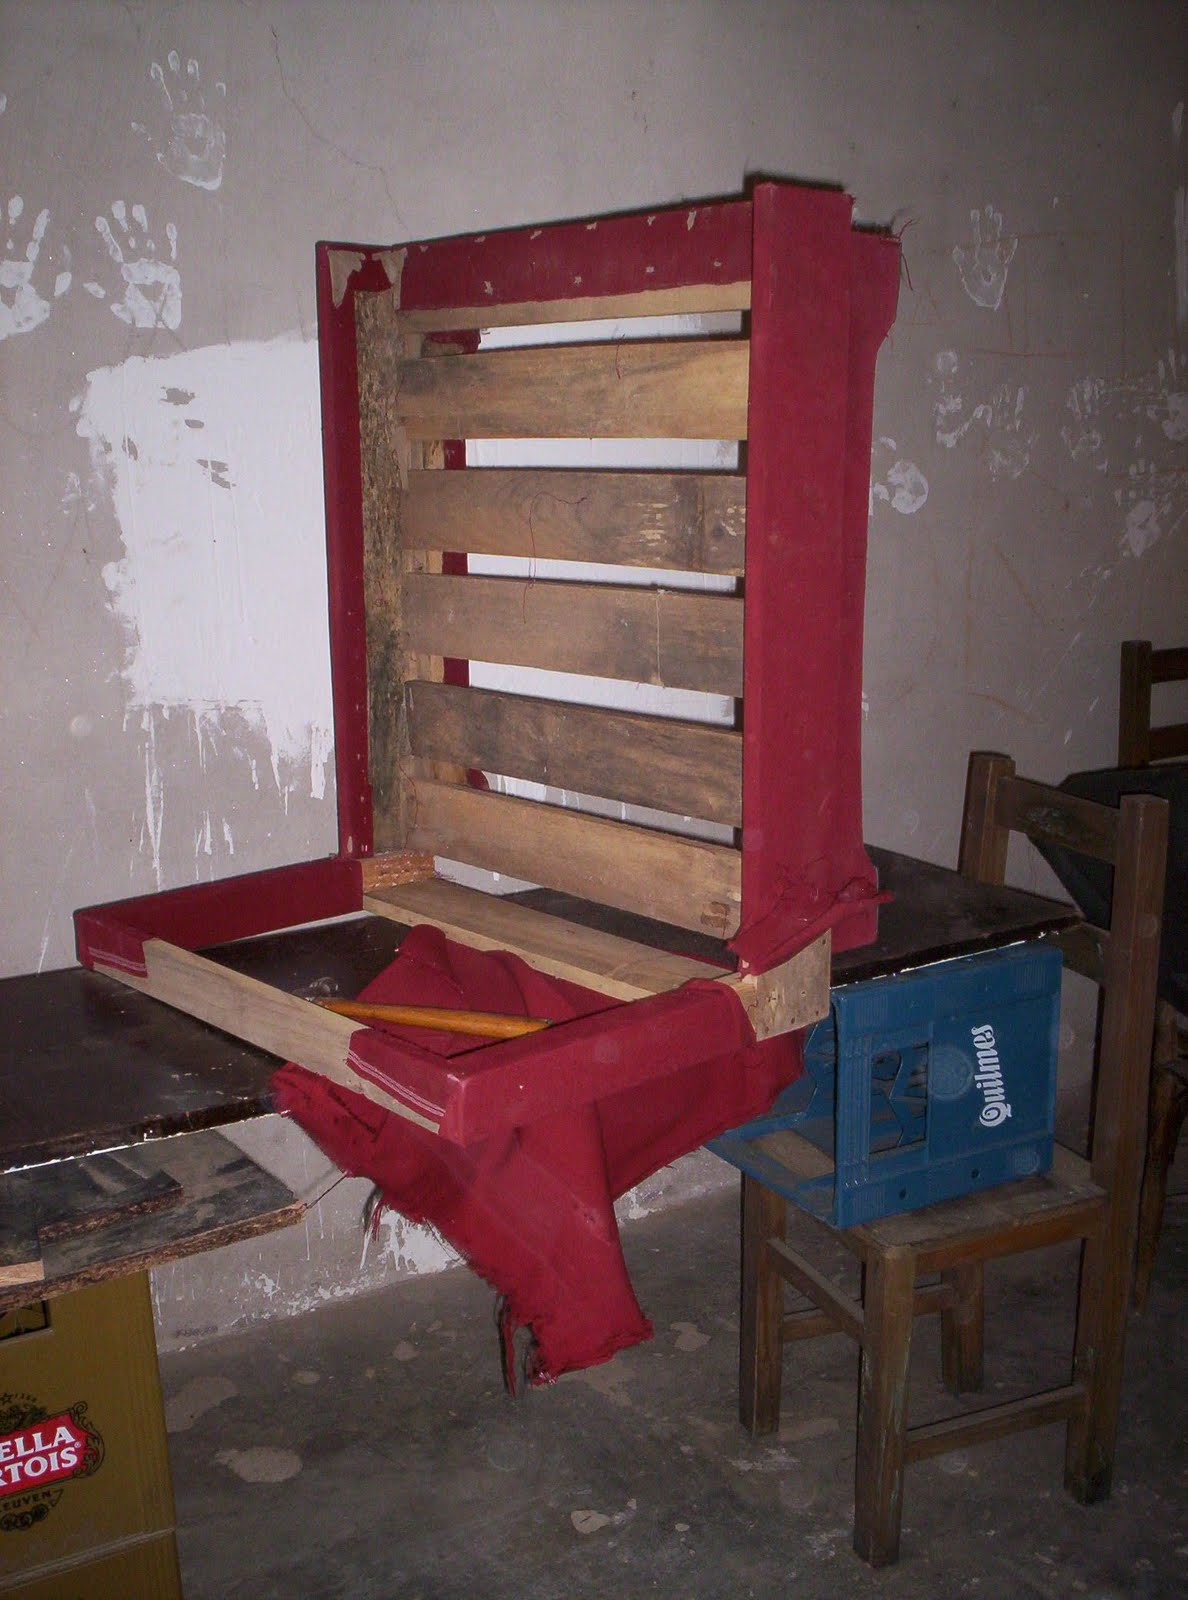 Reciclado de sillas y sillones sof camade 1plaza en for Reciclado de sillones